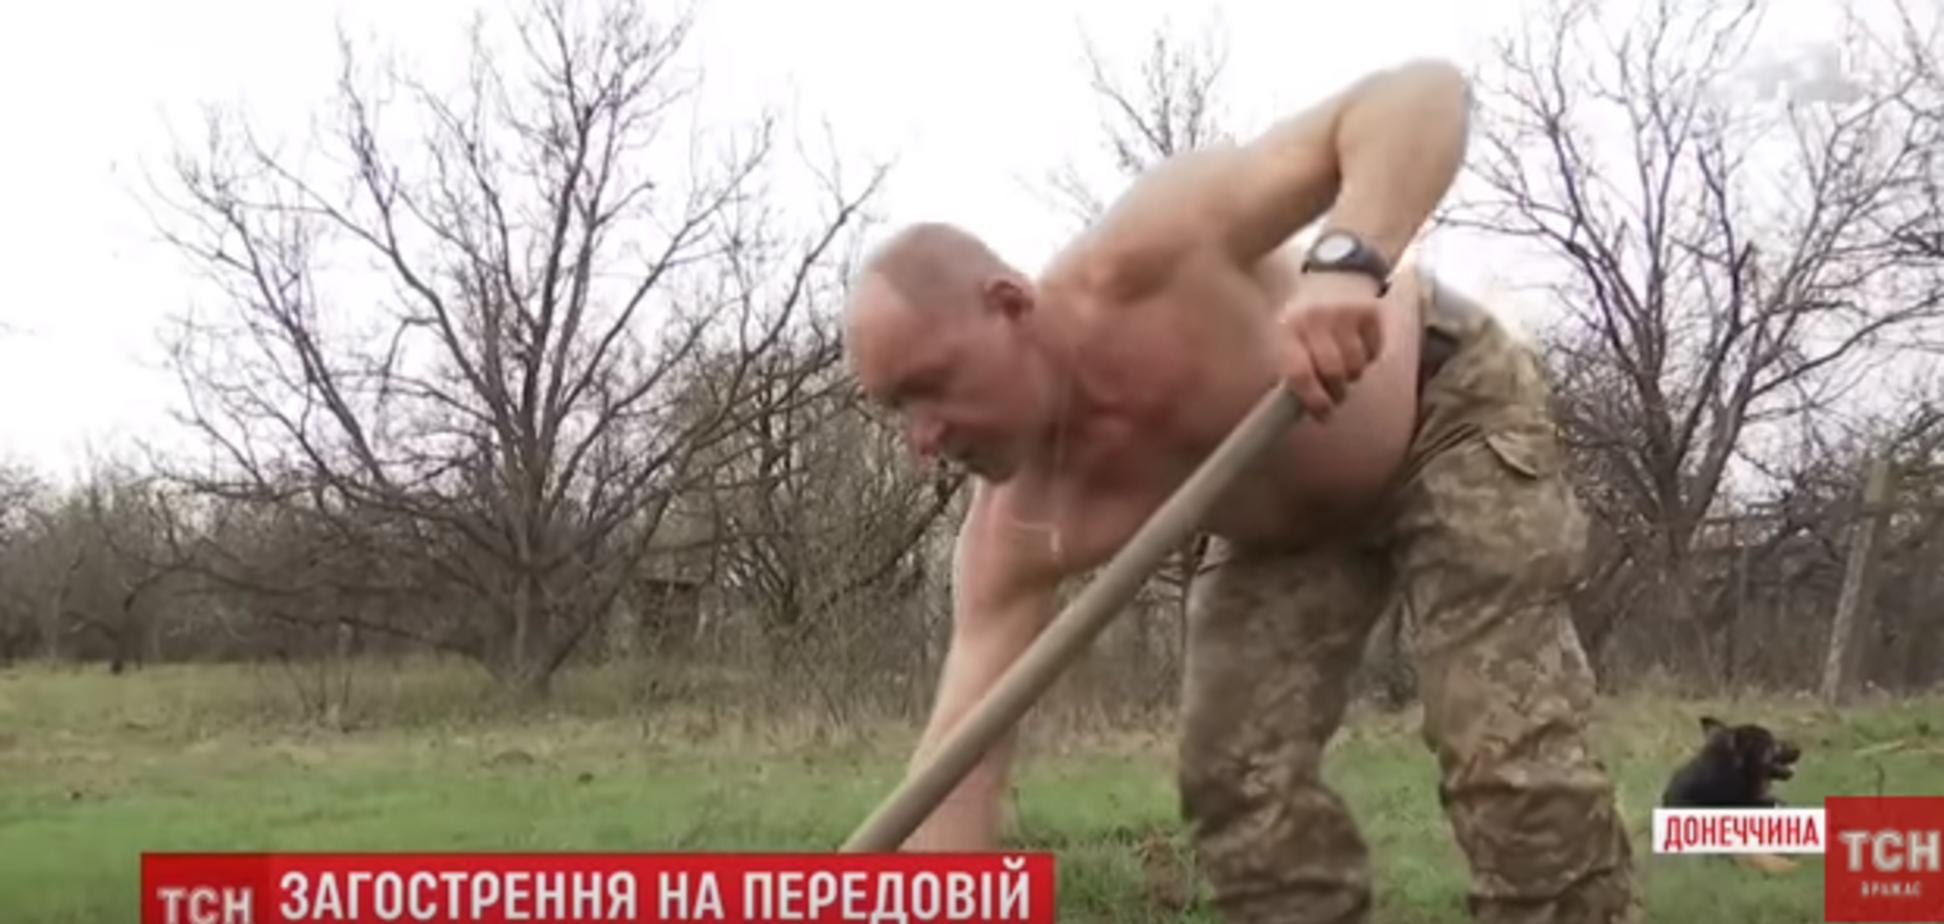 Ризикнув життям: АТОшник вразив вчинком заради загиблого на Донбасі воїна